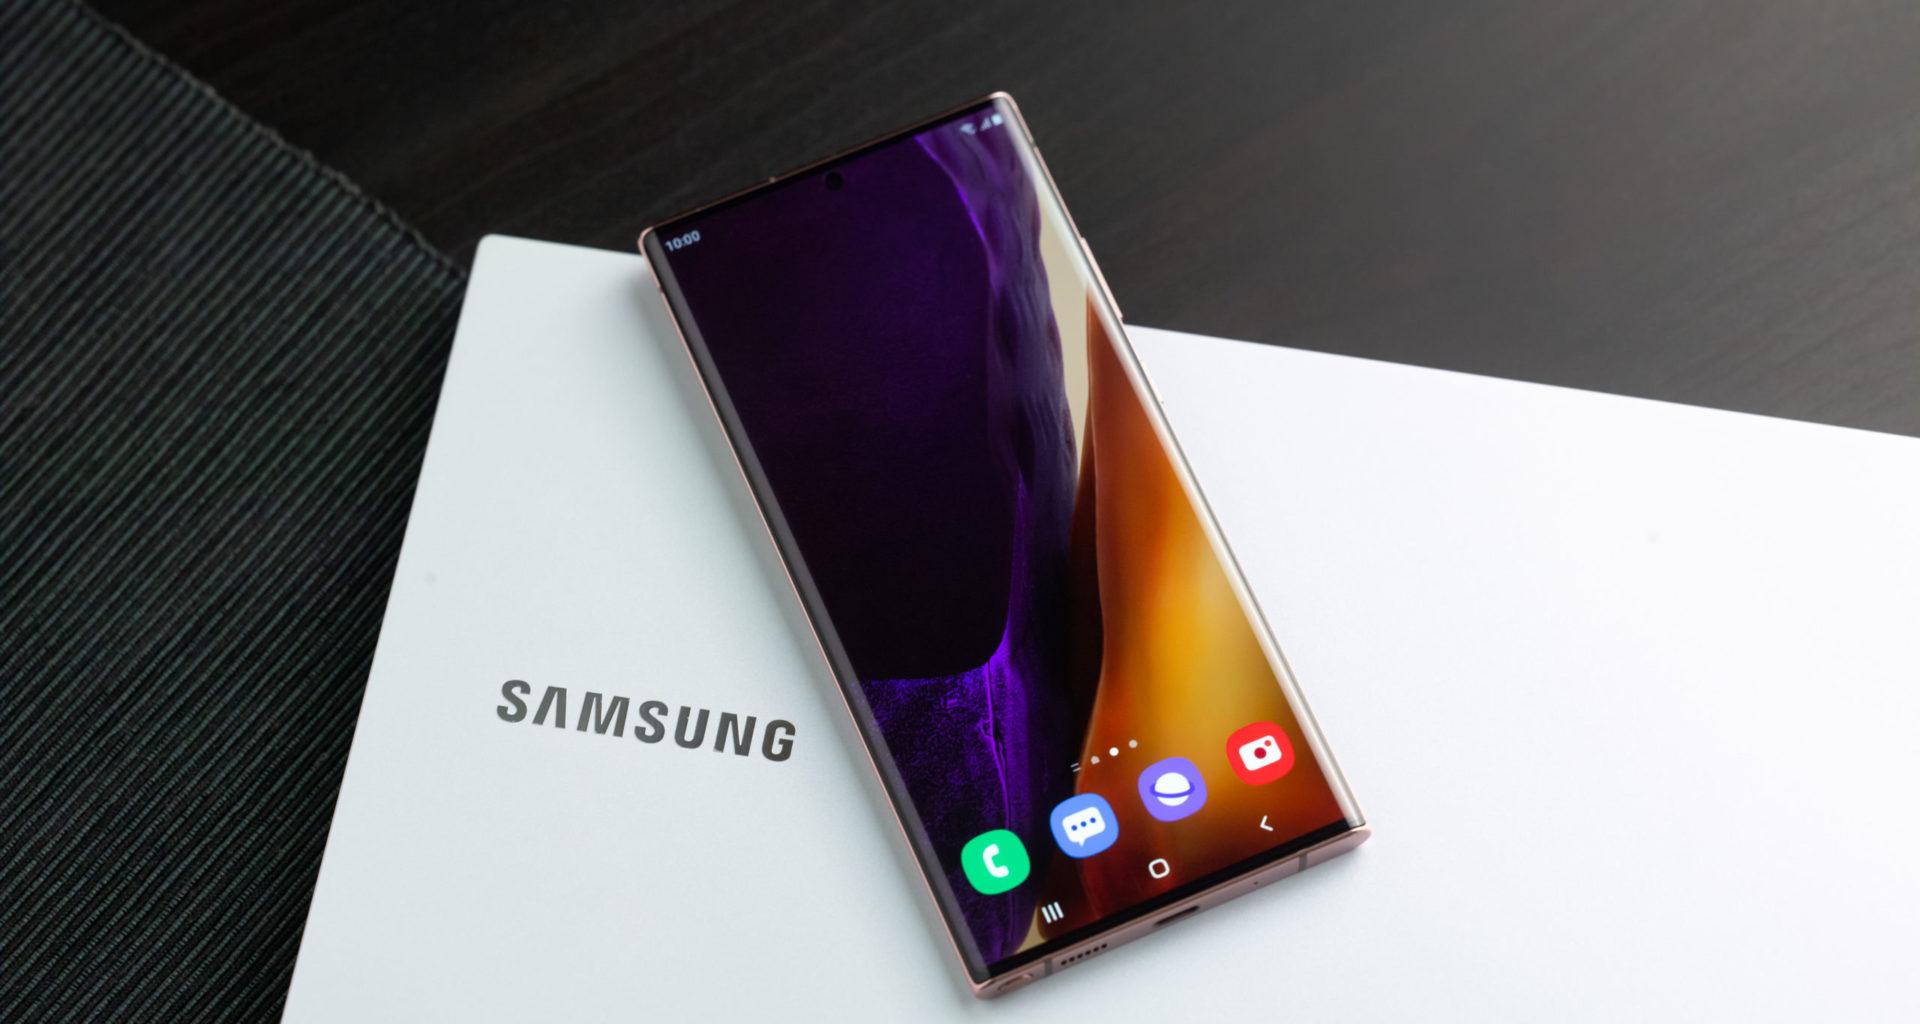 Không ra mẫu mới, Samsung sẽ hạ giá Galaxy Note 20 nhằm kích cầu